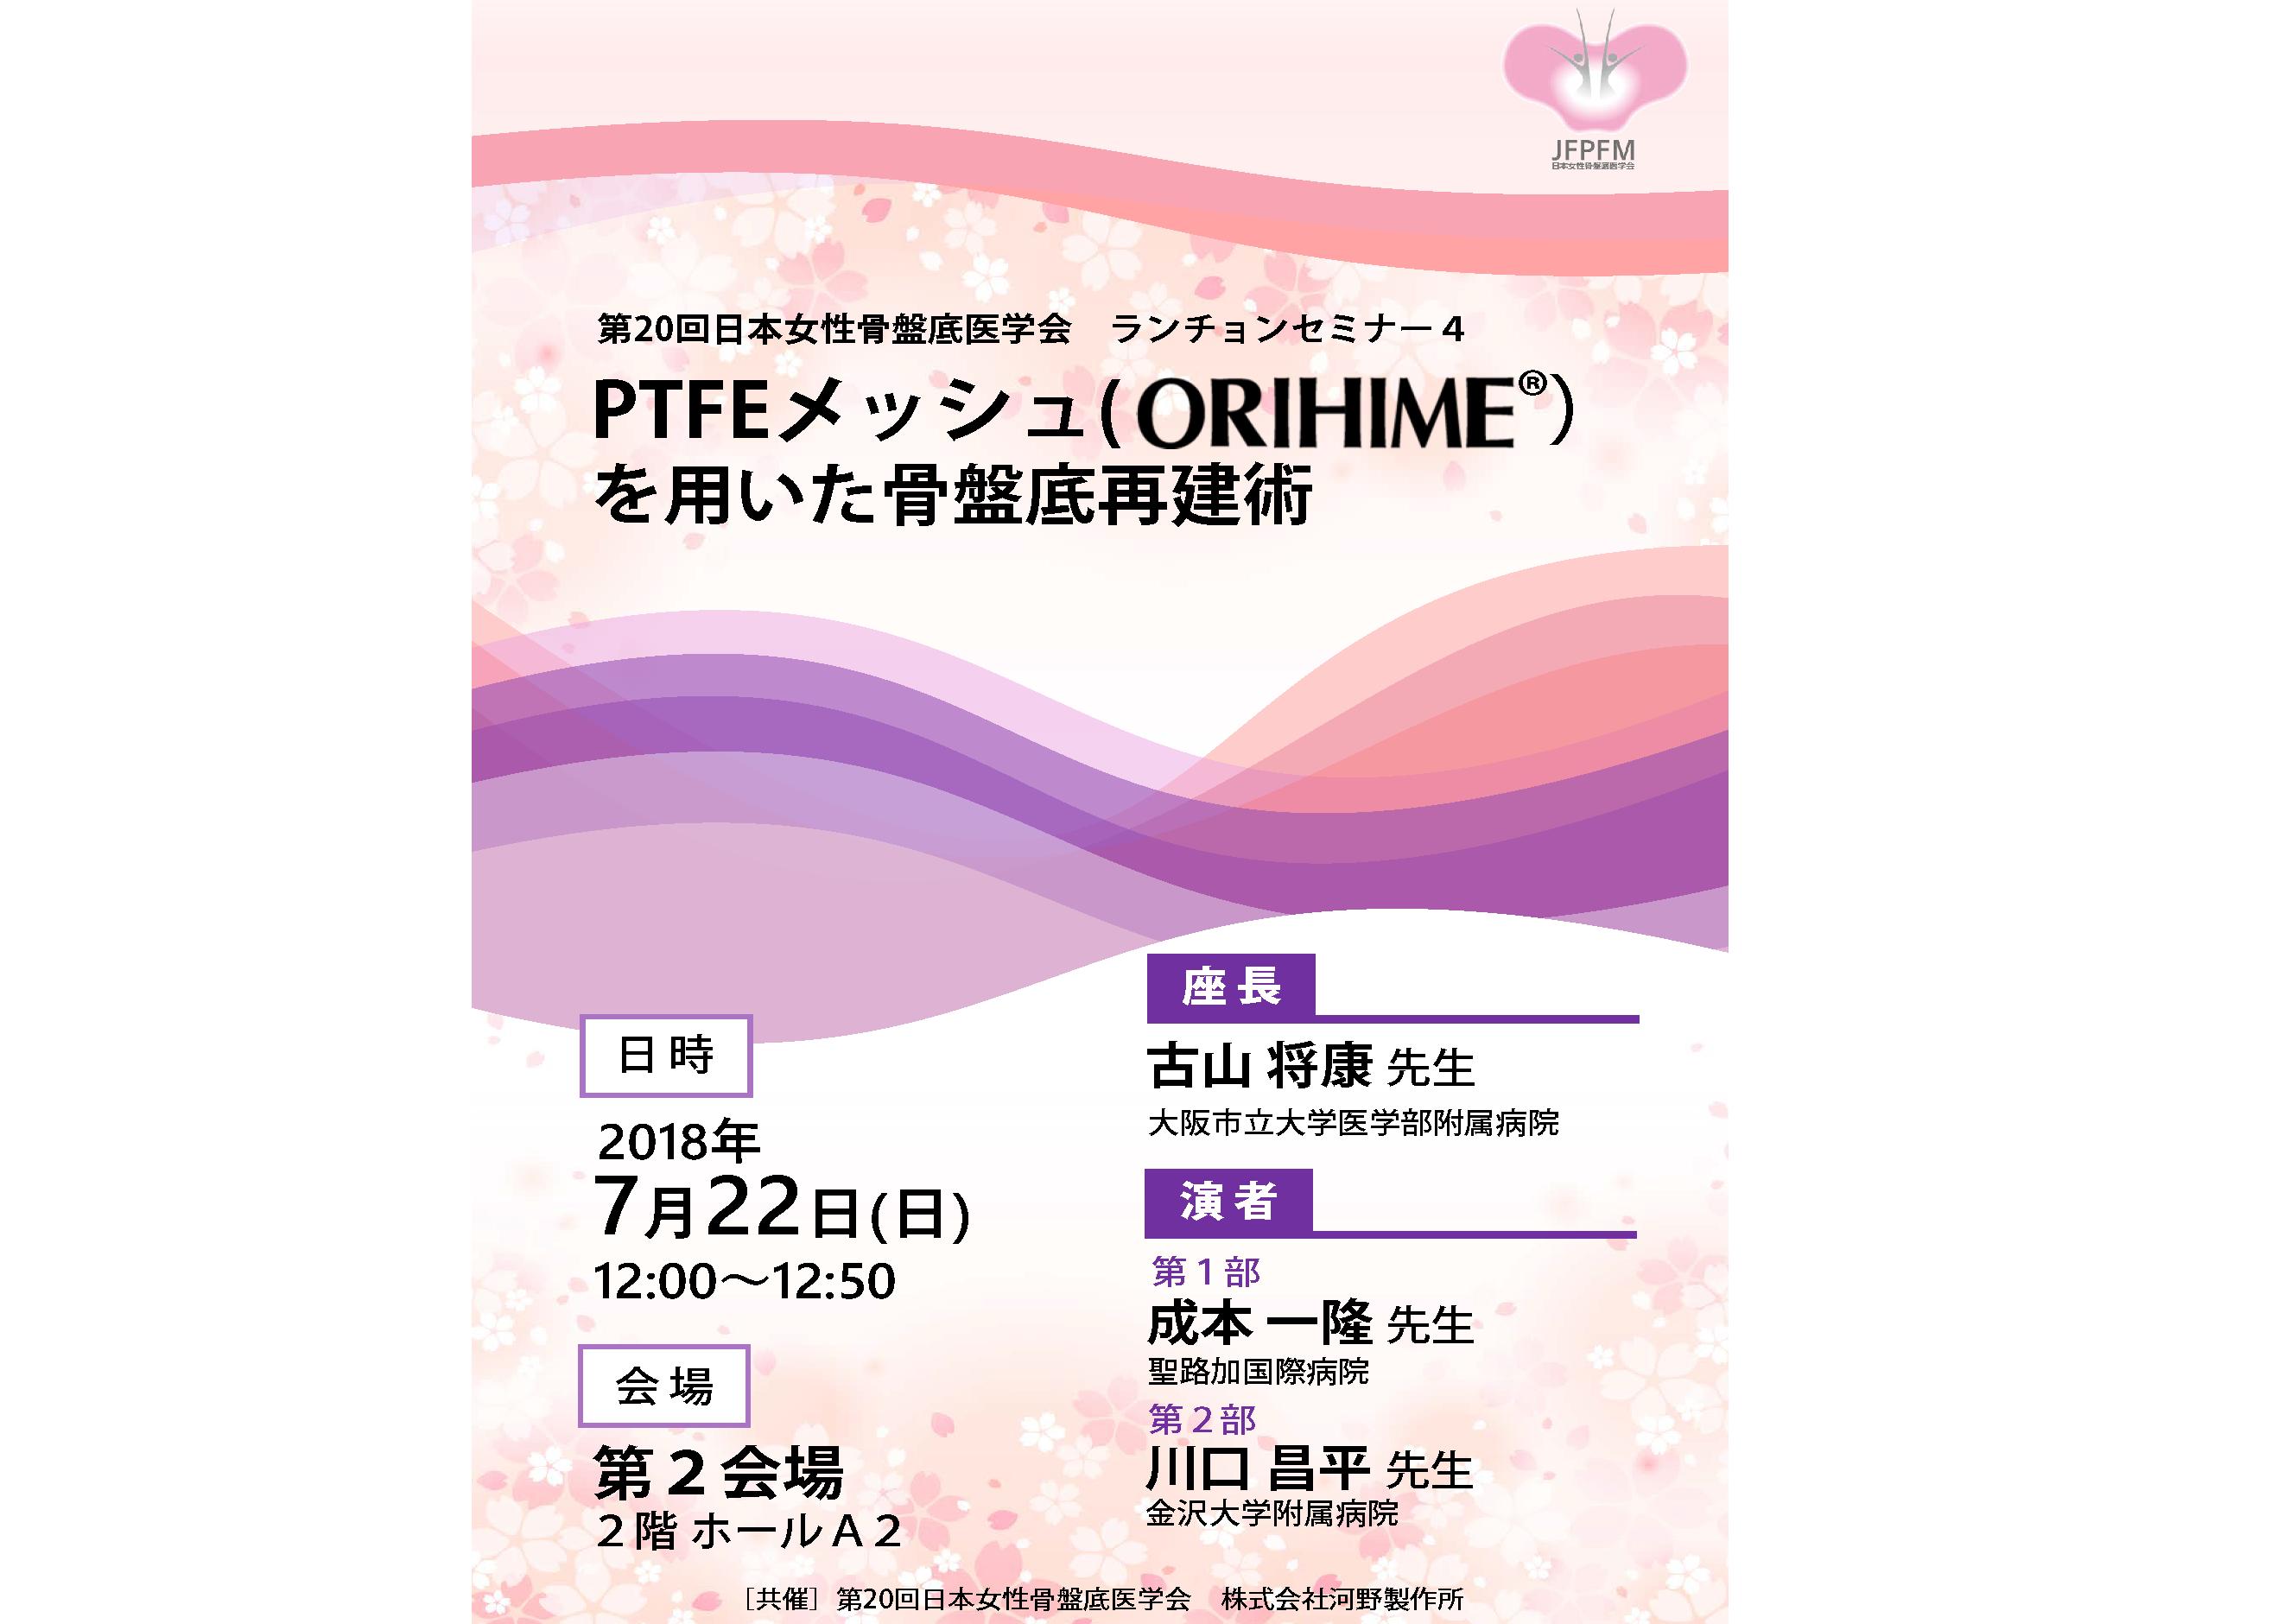 第20回日本女性骨盤底医学会ランチョンセミナー.png